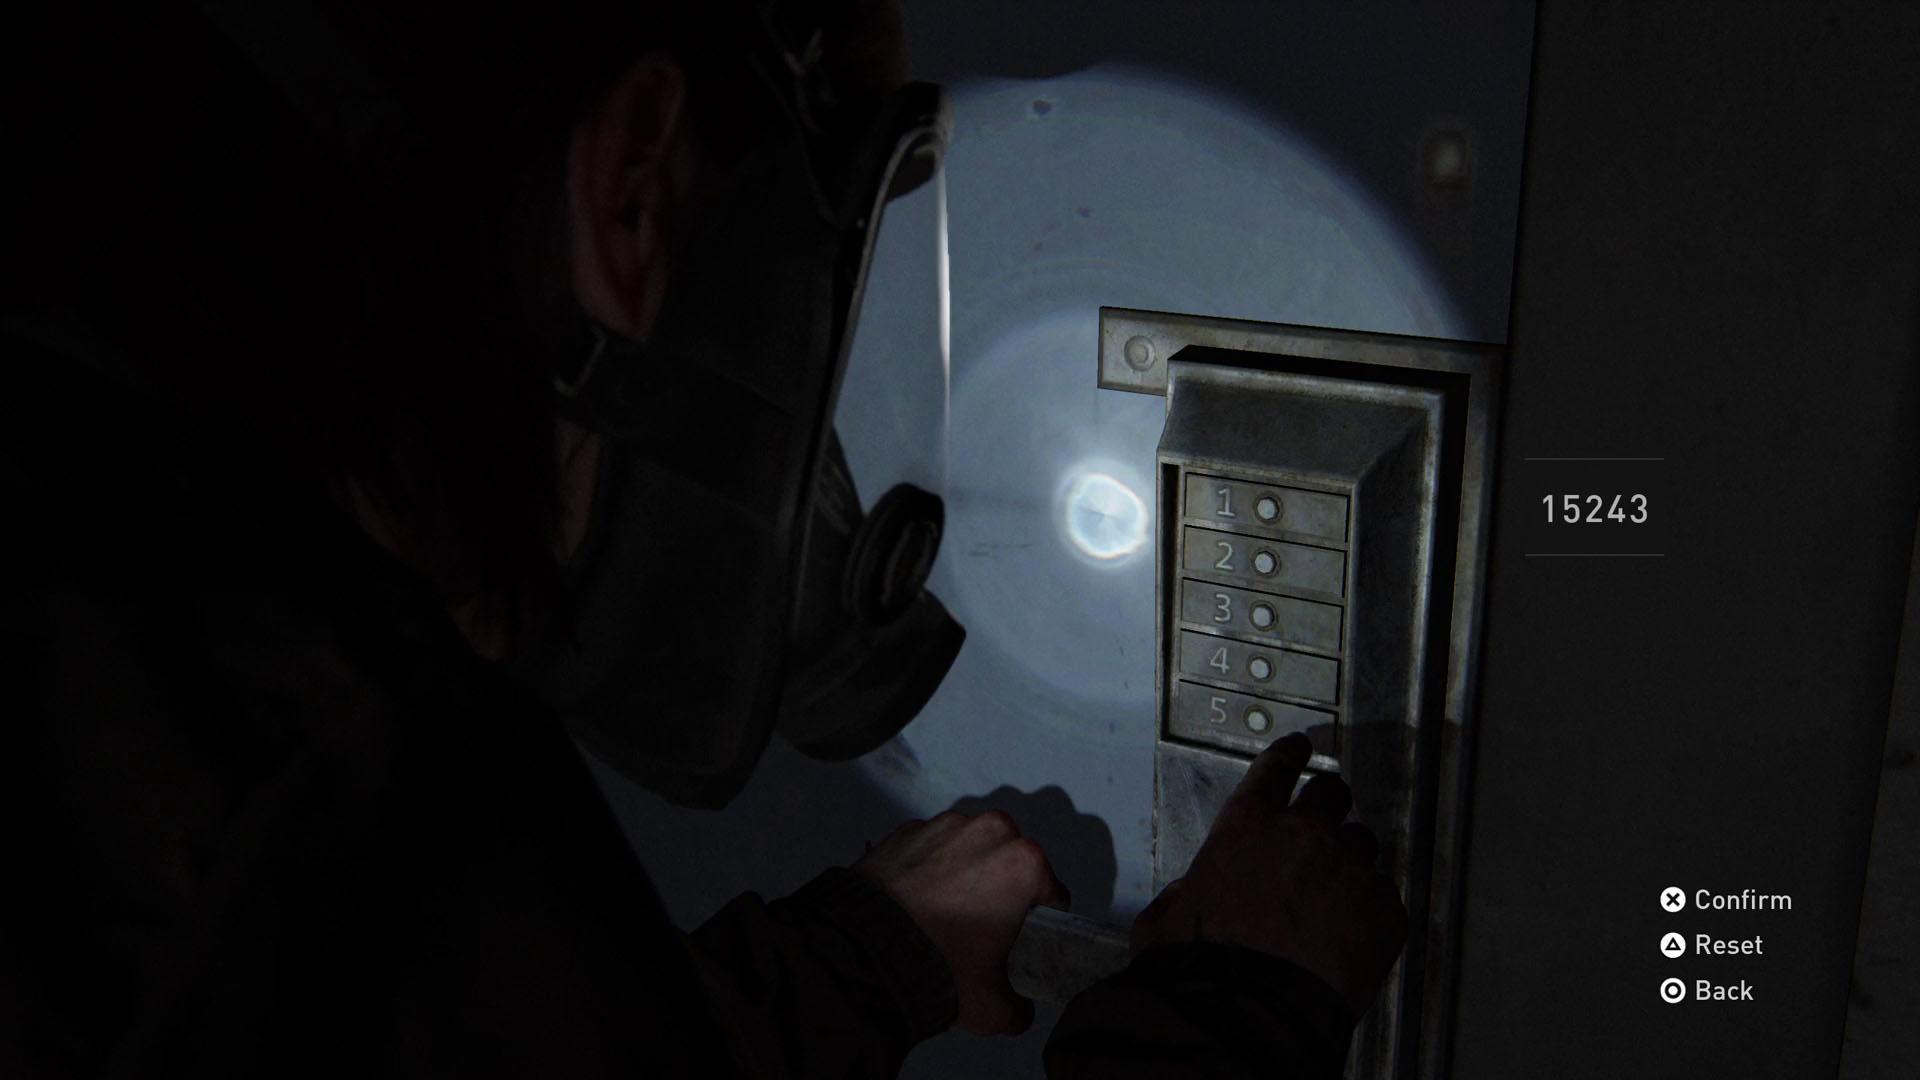 The Last of Us 2 safe codes - locker room door